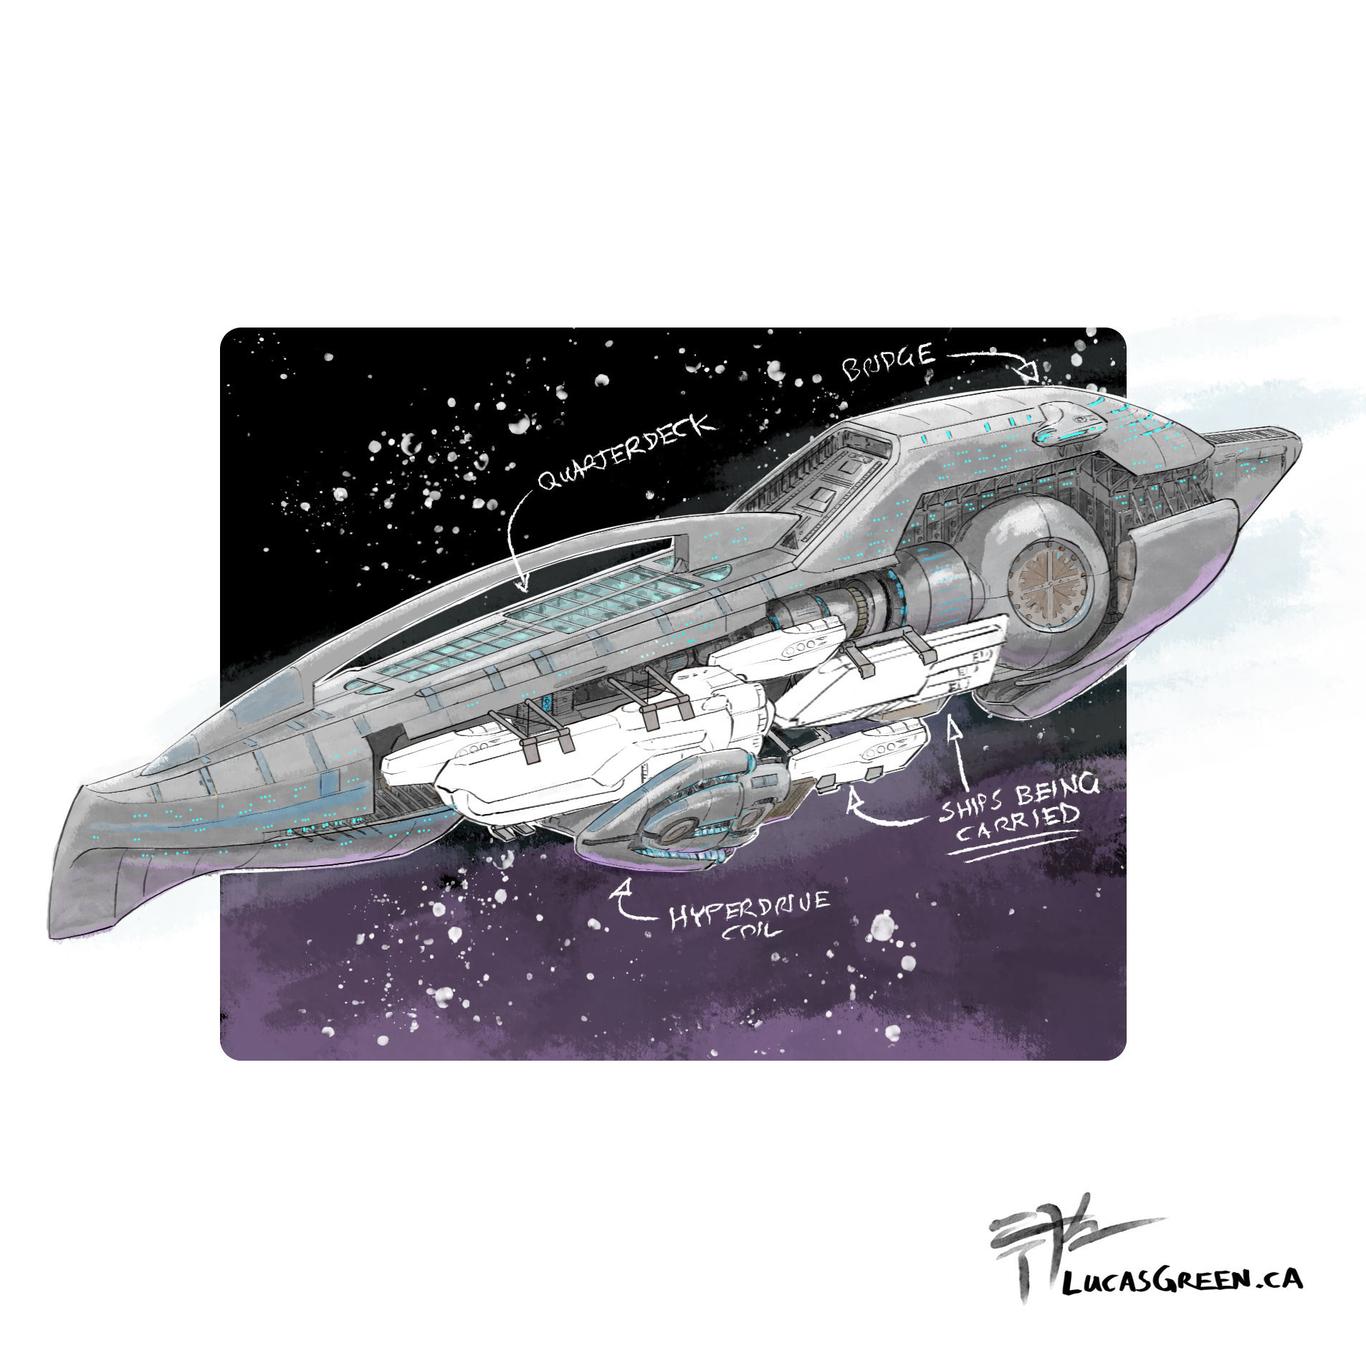 Lucasgreen sailpunk starships 1 e85a22a1 cz8z